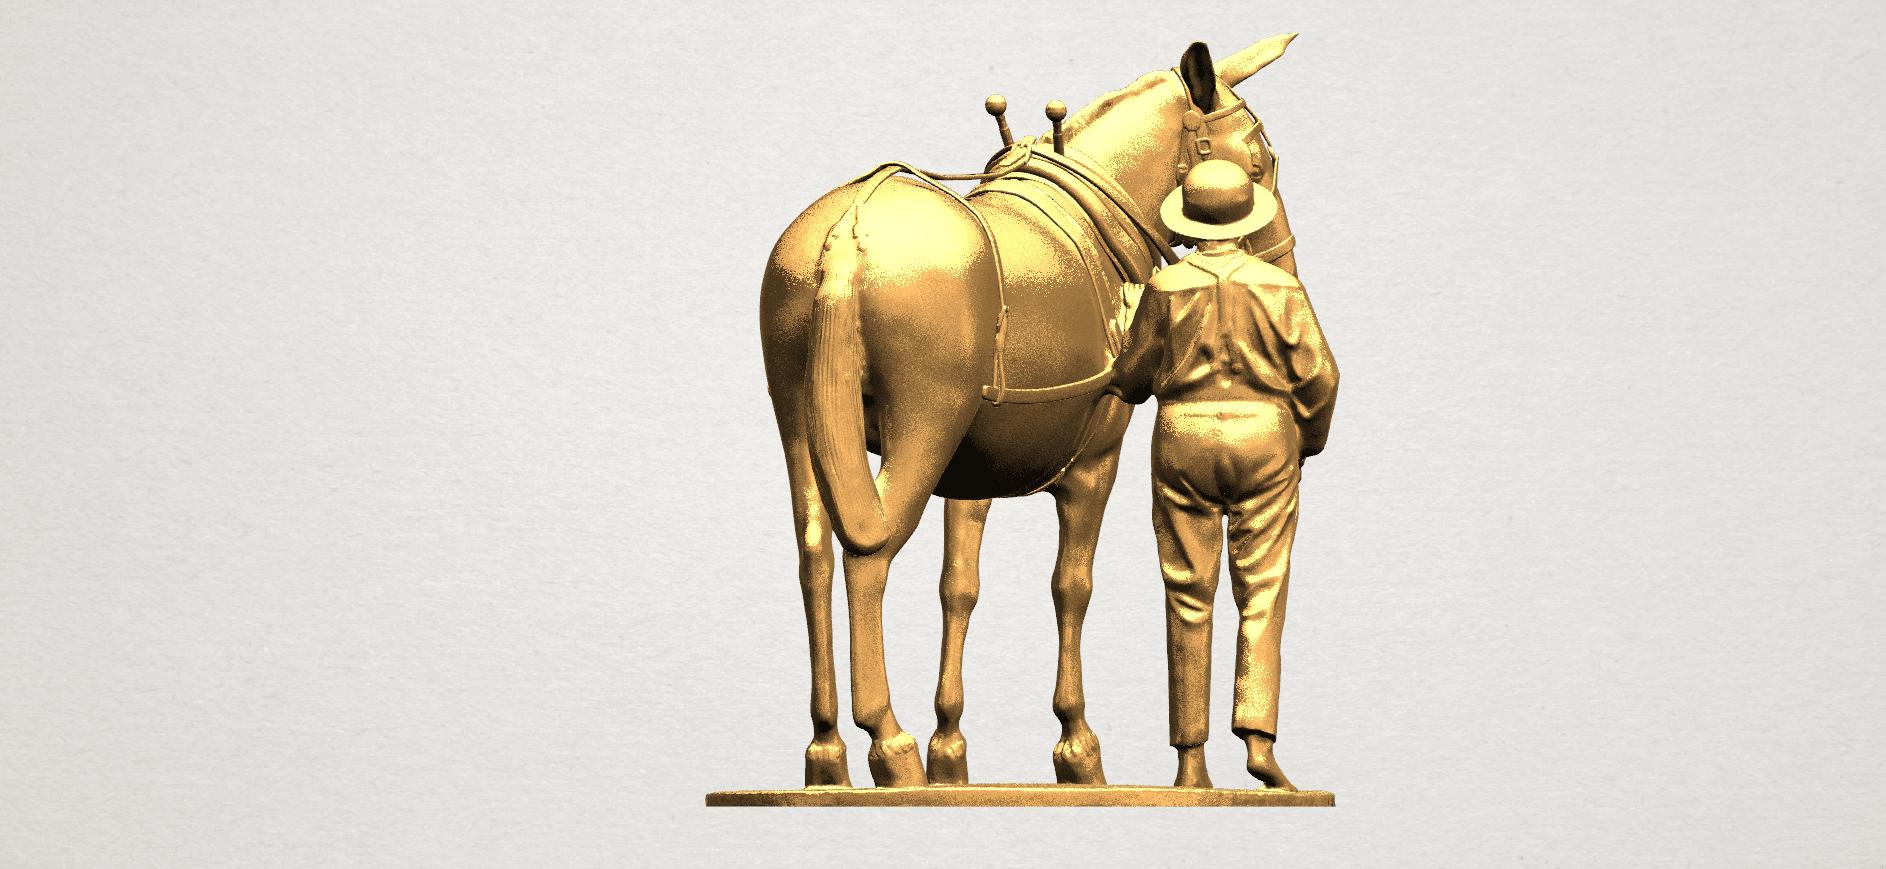 Horse with Man (i) - A06.png Télécharger fichier STL gratuit Cheval avec Man 01 • Objet à imprimer en 3D, GeorgesNikkei